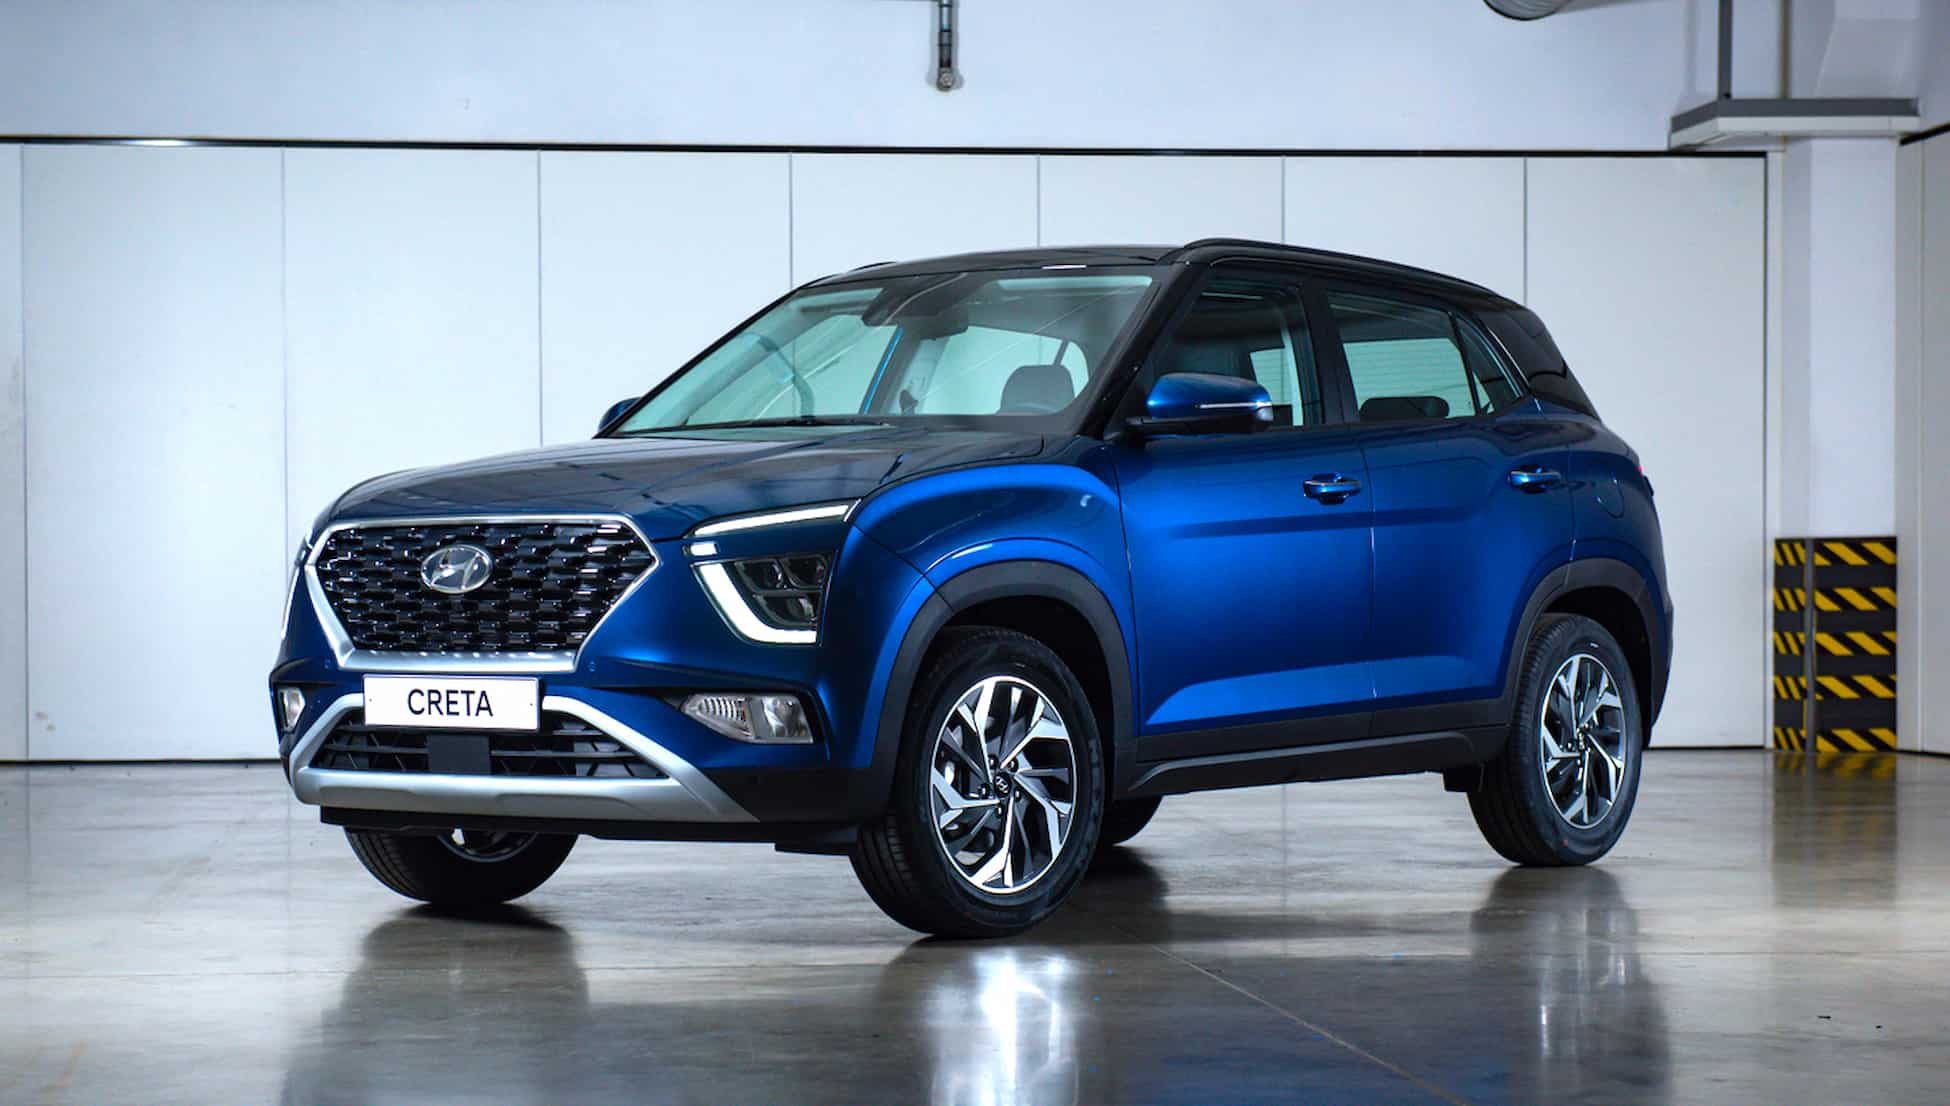 Hyundai представляет новое поколение компактного кроссовера Creta 3 1